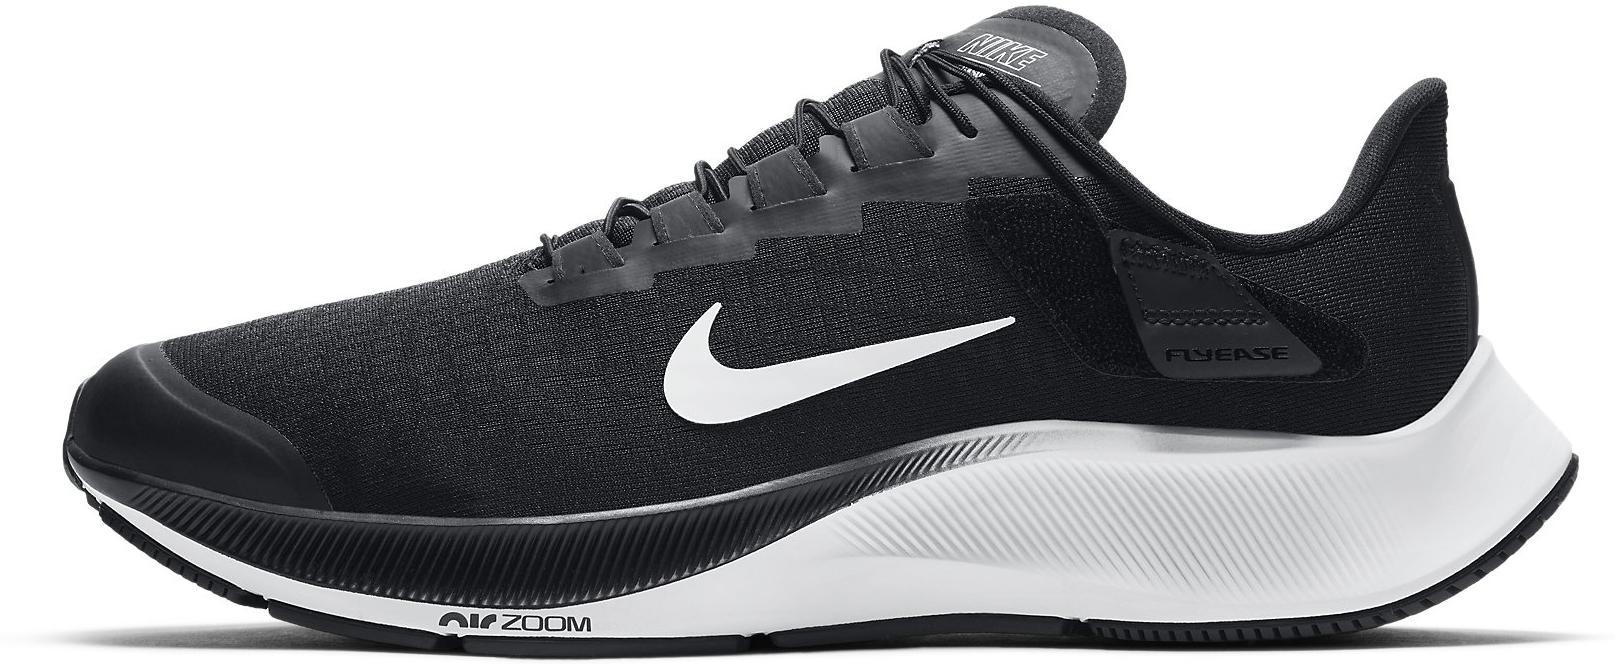 Zapatillas de running Nike AIR ZOOM PEGASUS 37 FLYEASE 4E